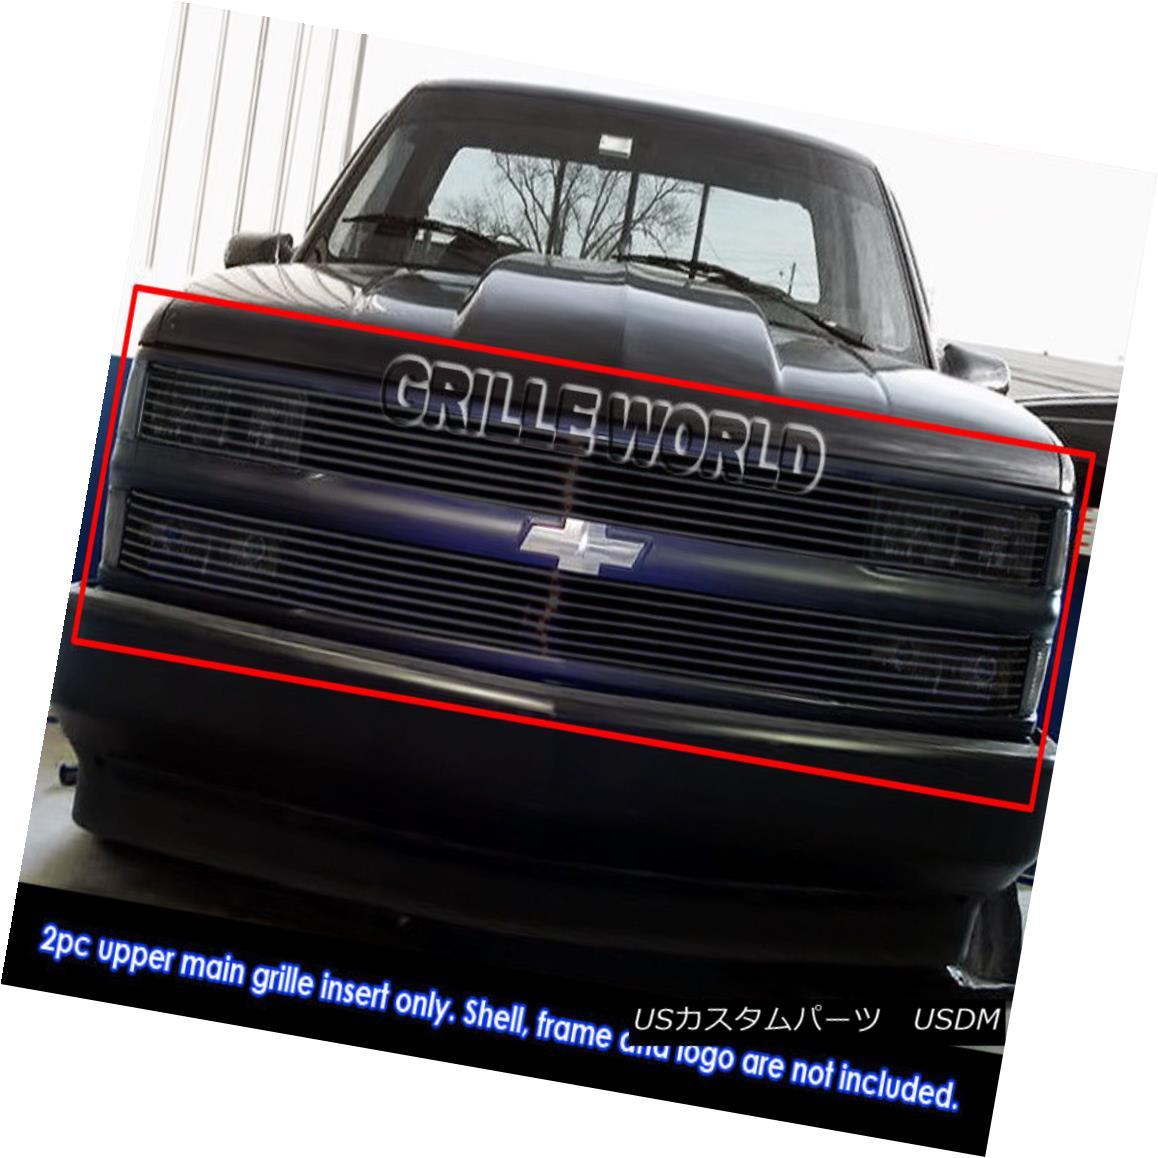 グリル 94-99 C/K Pickup/Suburban/Blazer/Tahoe Phantom Black Billet Grille Grill Insert 94-99 C / Kピックアップ/サバーブ n /ブレイザー/タホファントムブラックビレットグリルグリルインサート